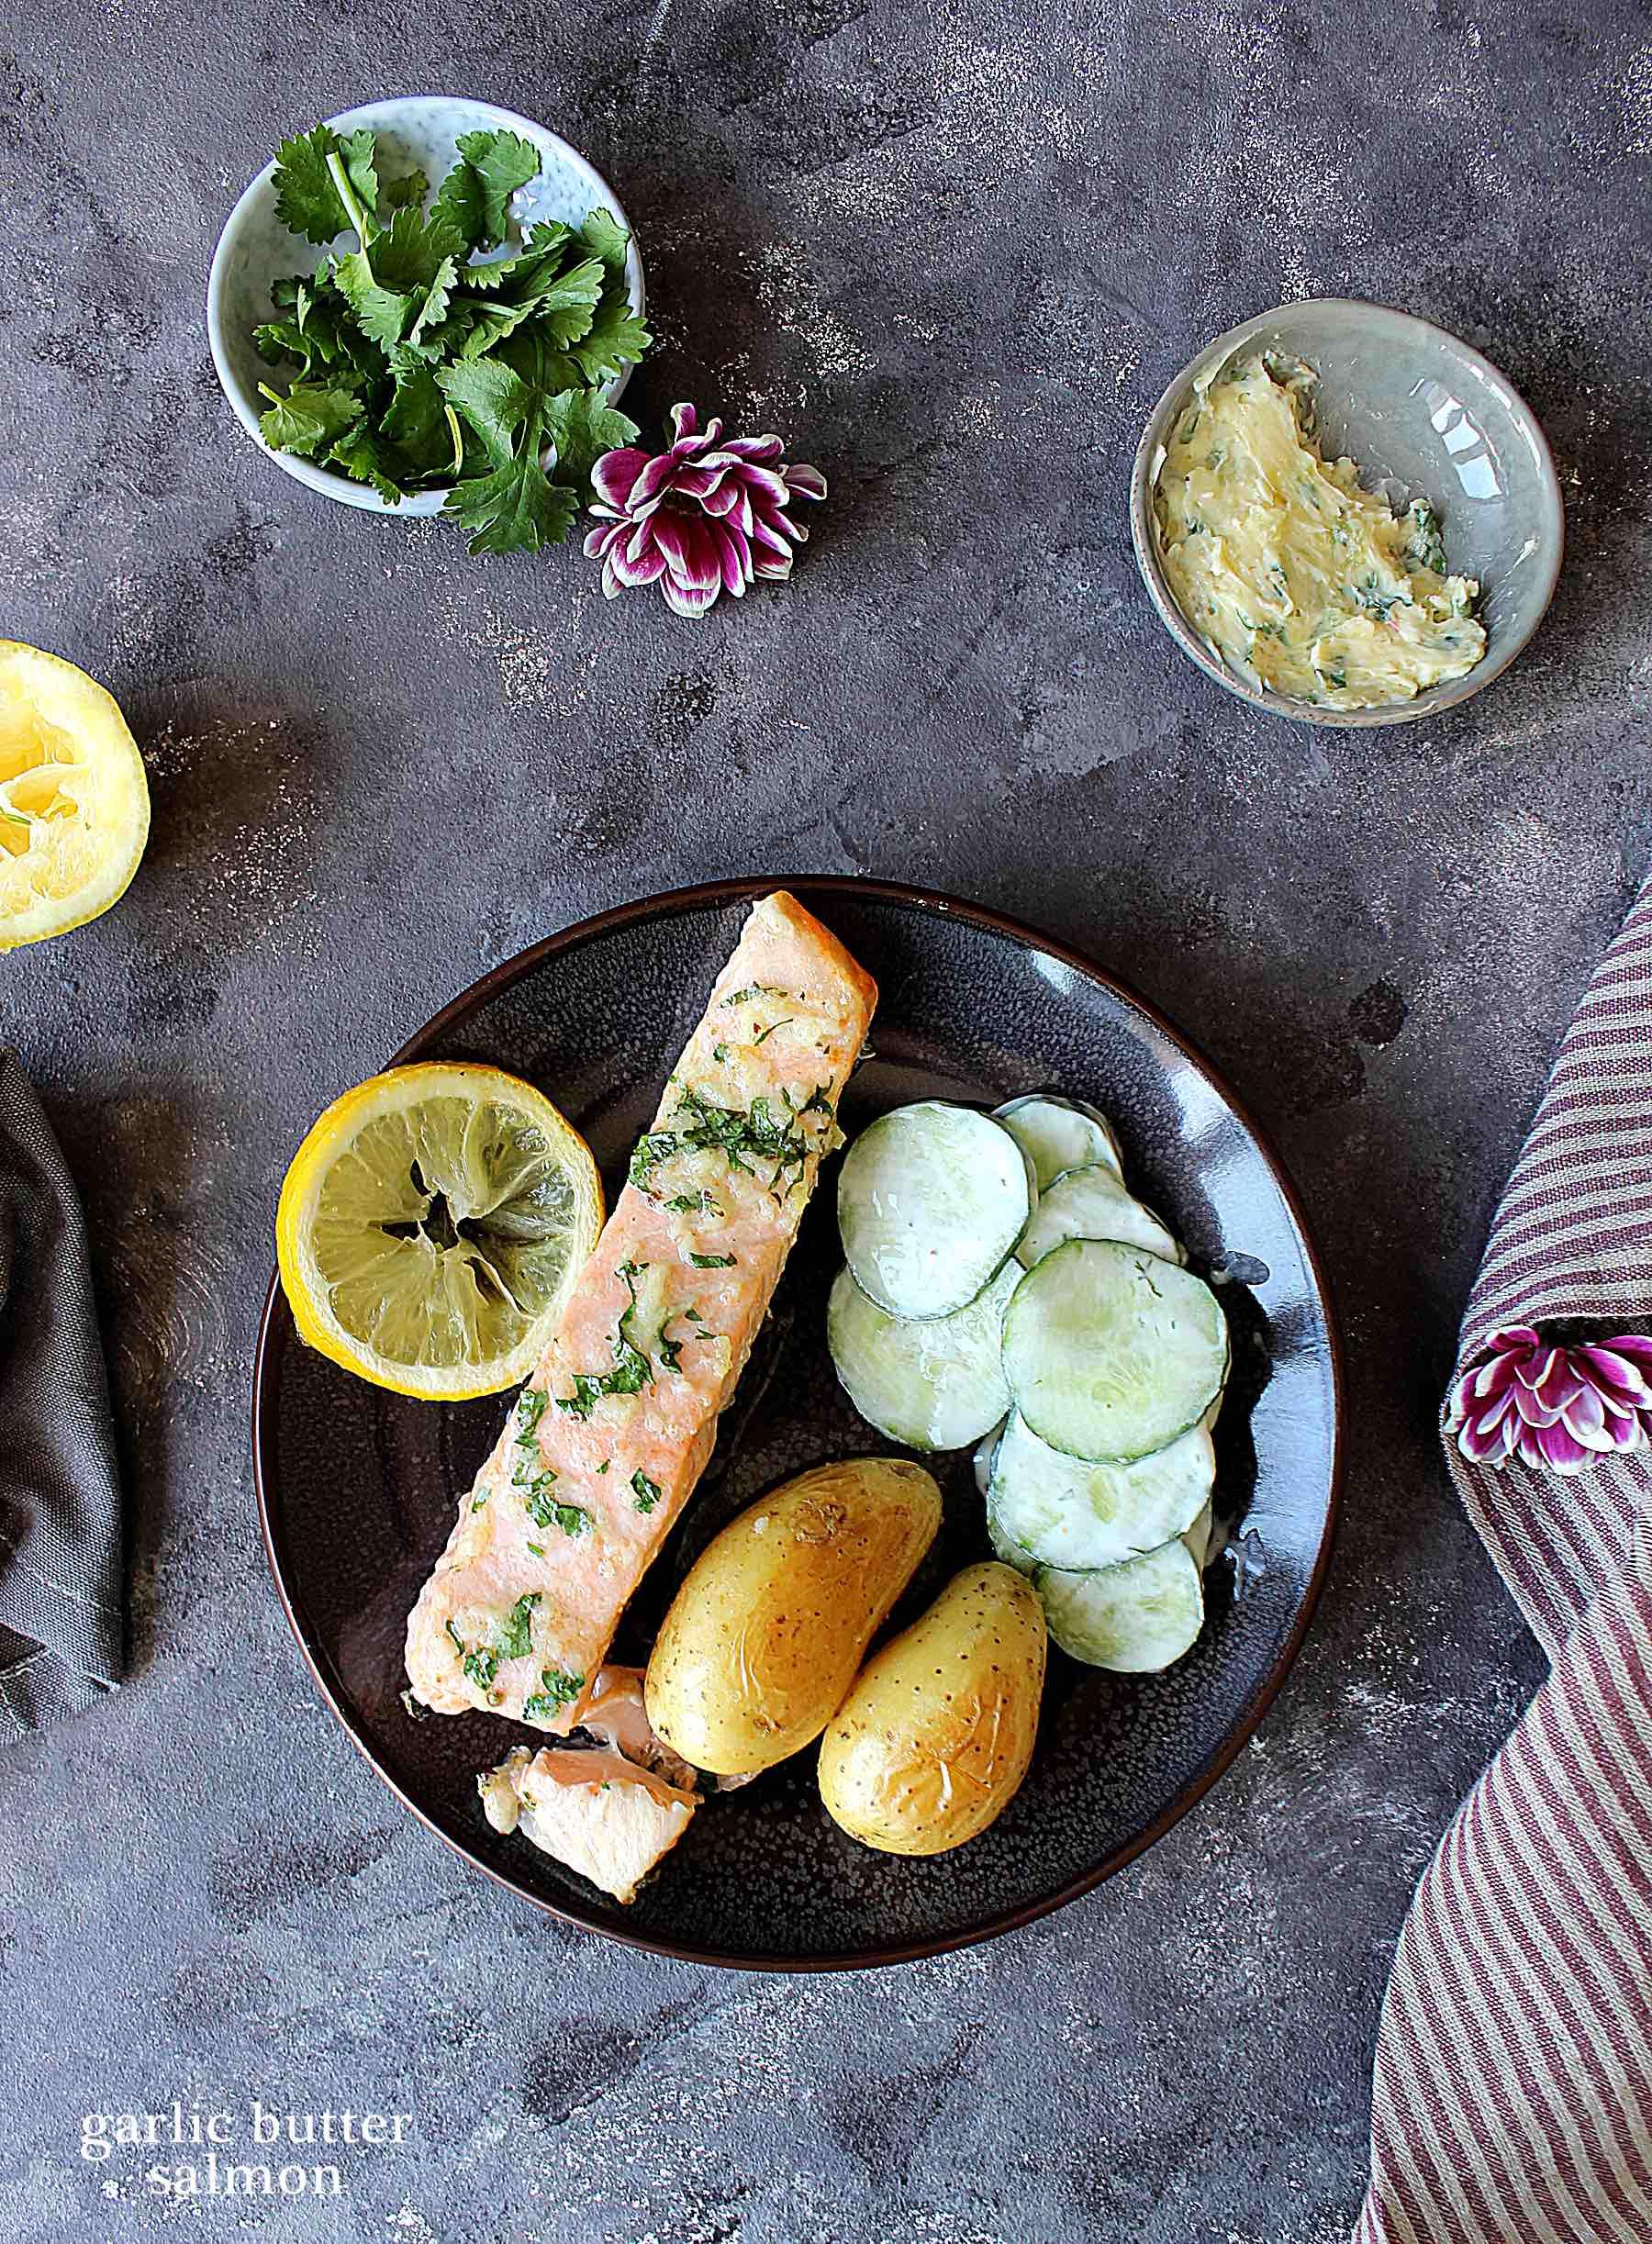 Saumon au beurre d'ail